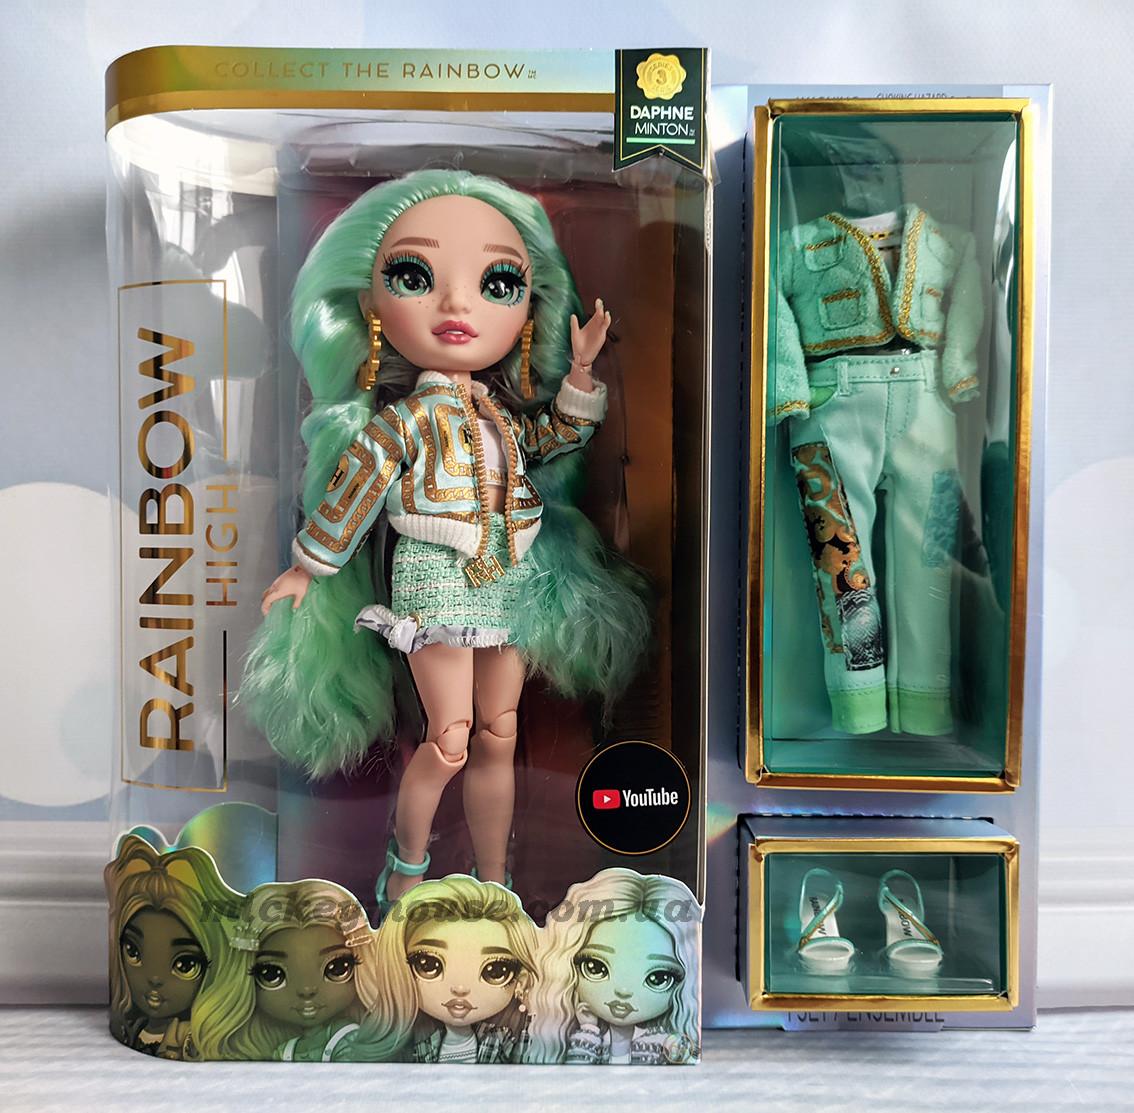 Кукла Рейнбоу Хай Мята Rainbow High S3 Daphne Minton 575764 Пром-цена